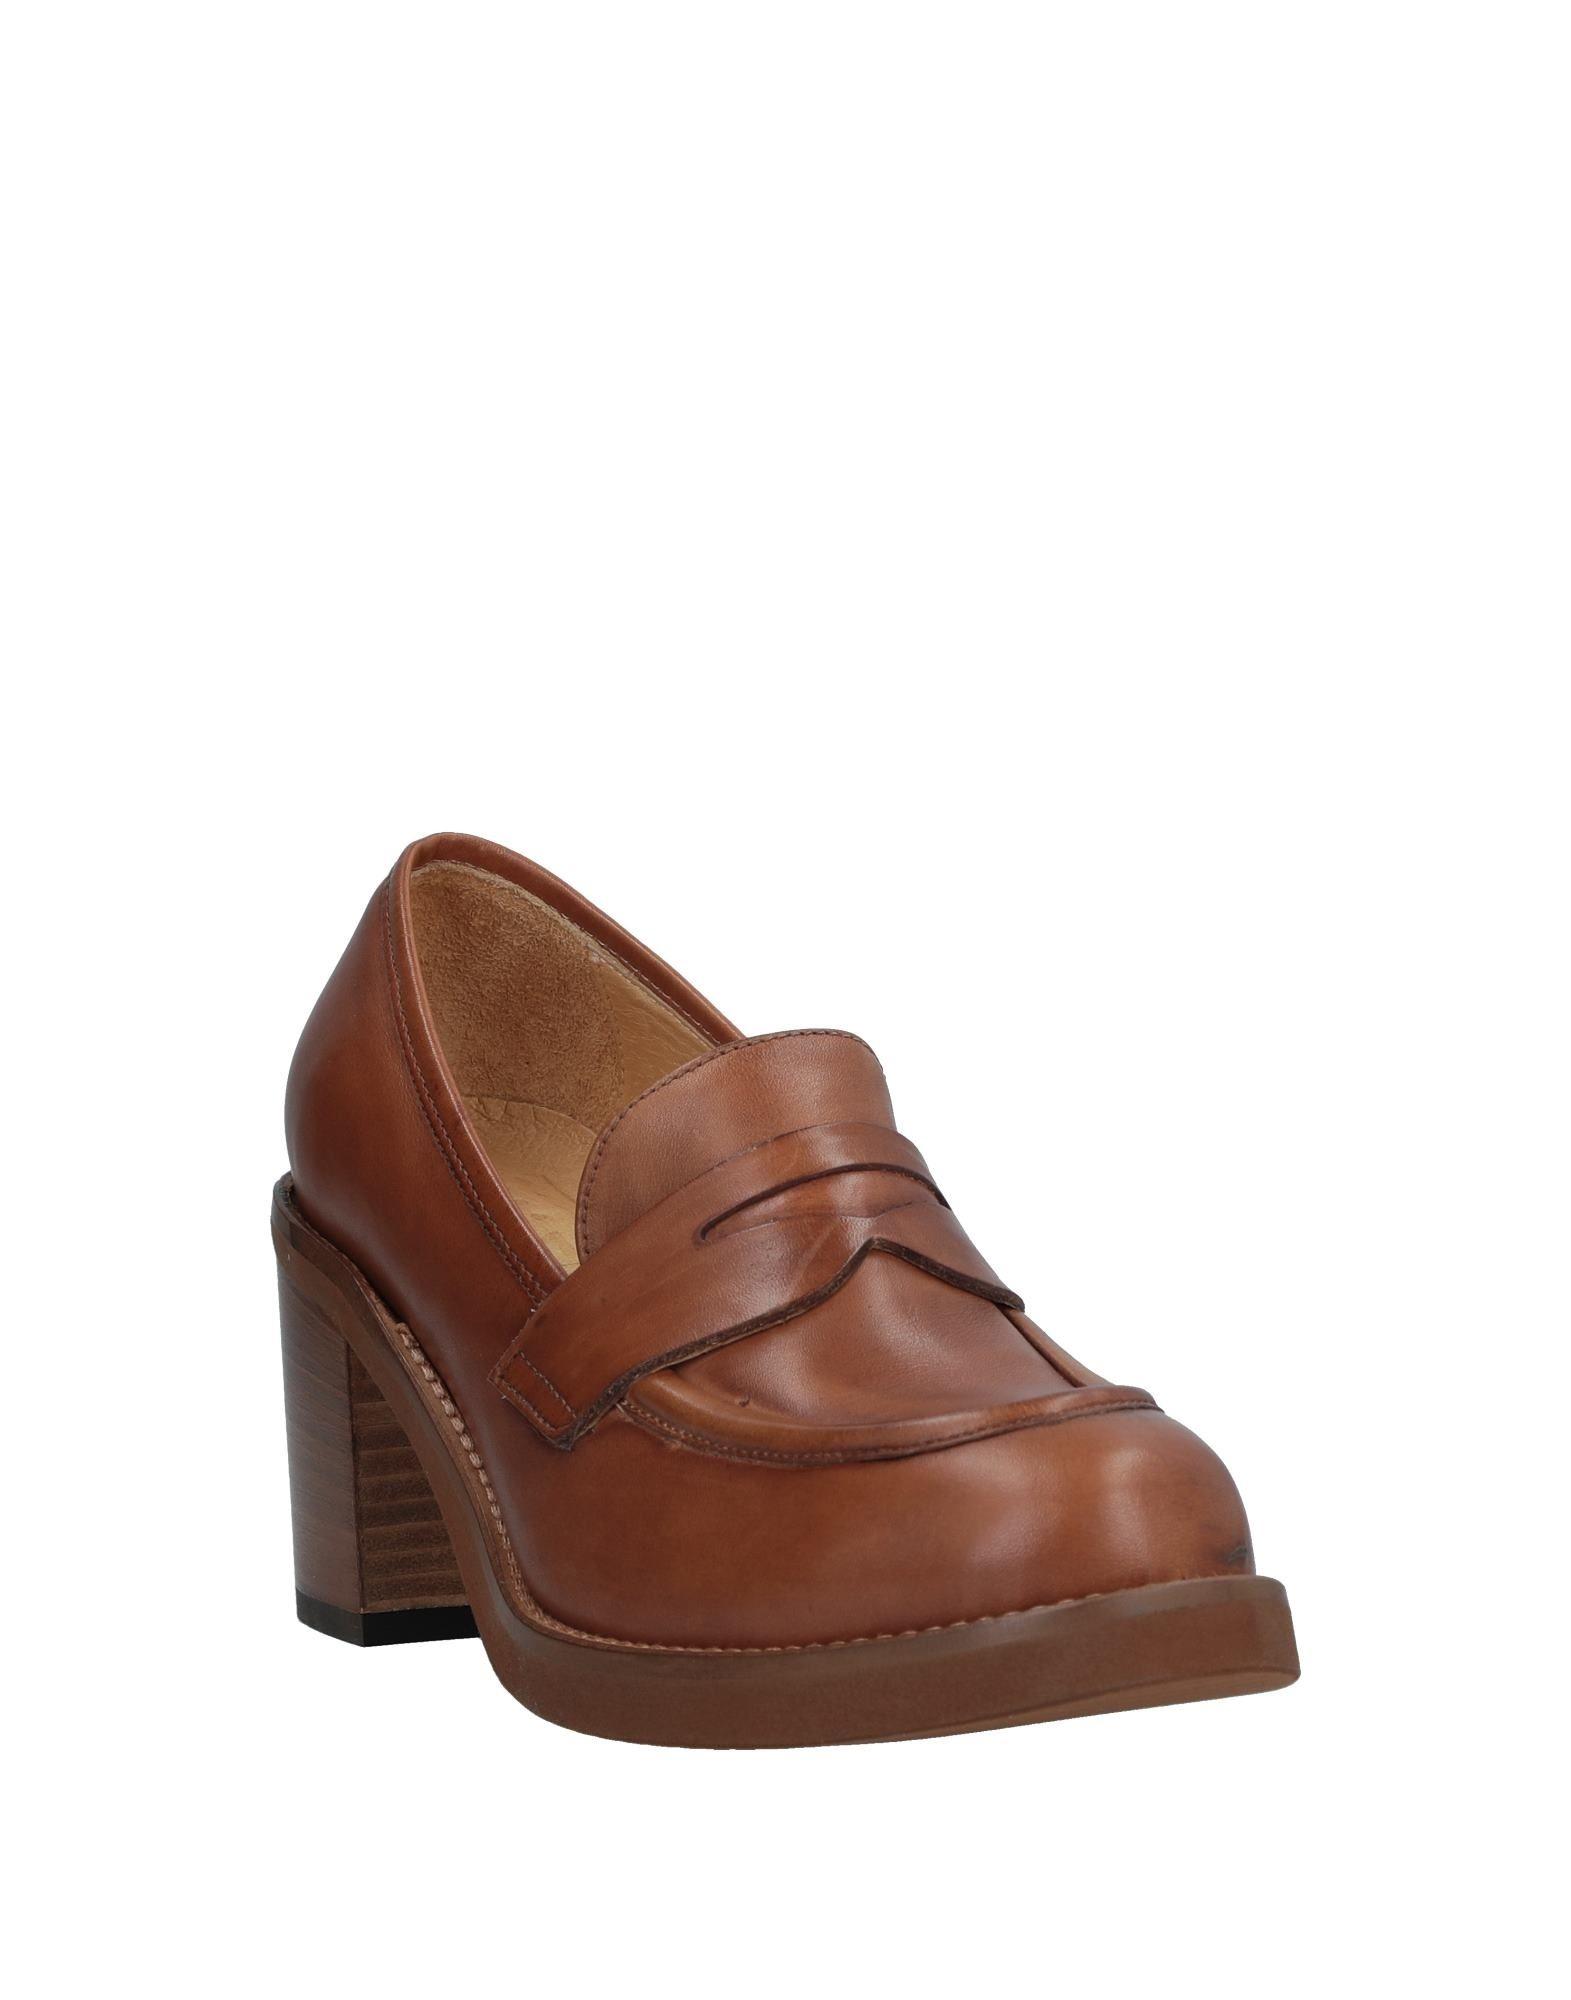 Pf16  Mokassins Damen  Pf16 11535928WX Gute Qualität beliebte Schuhe f5b002